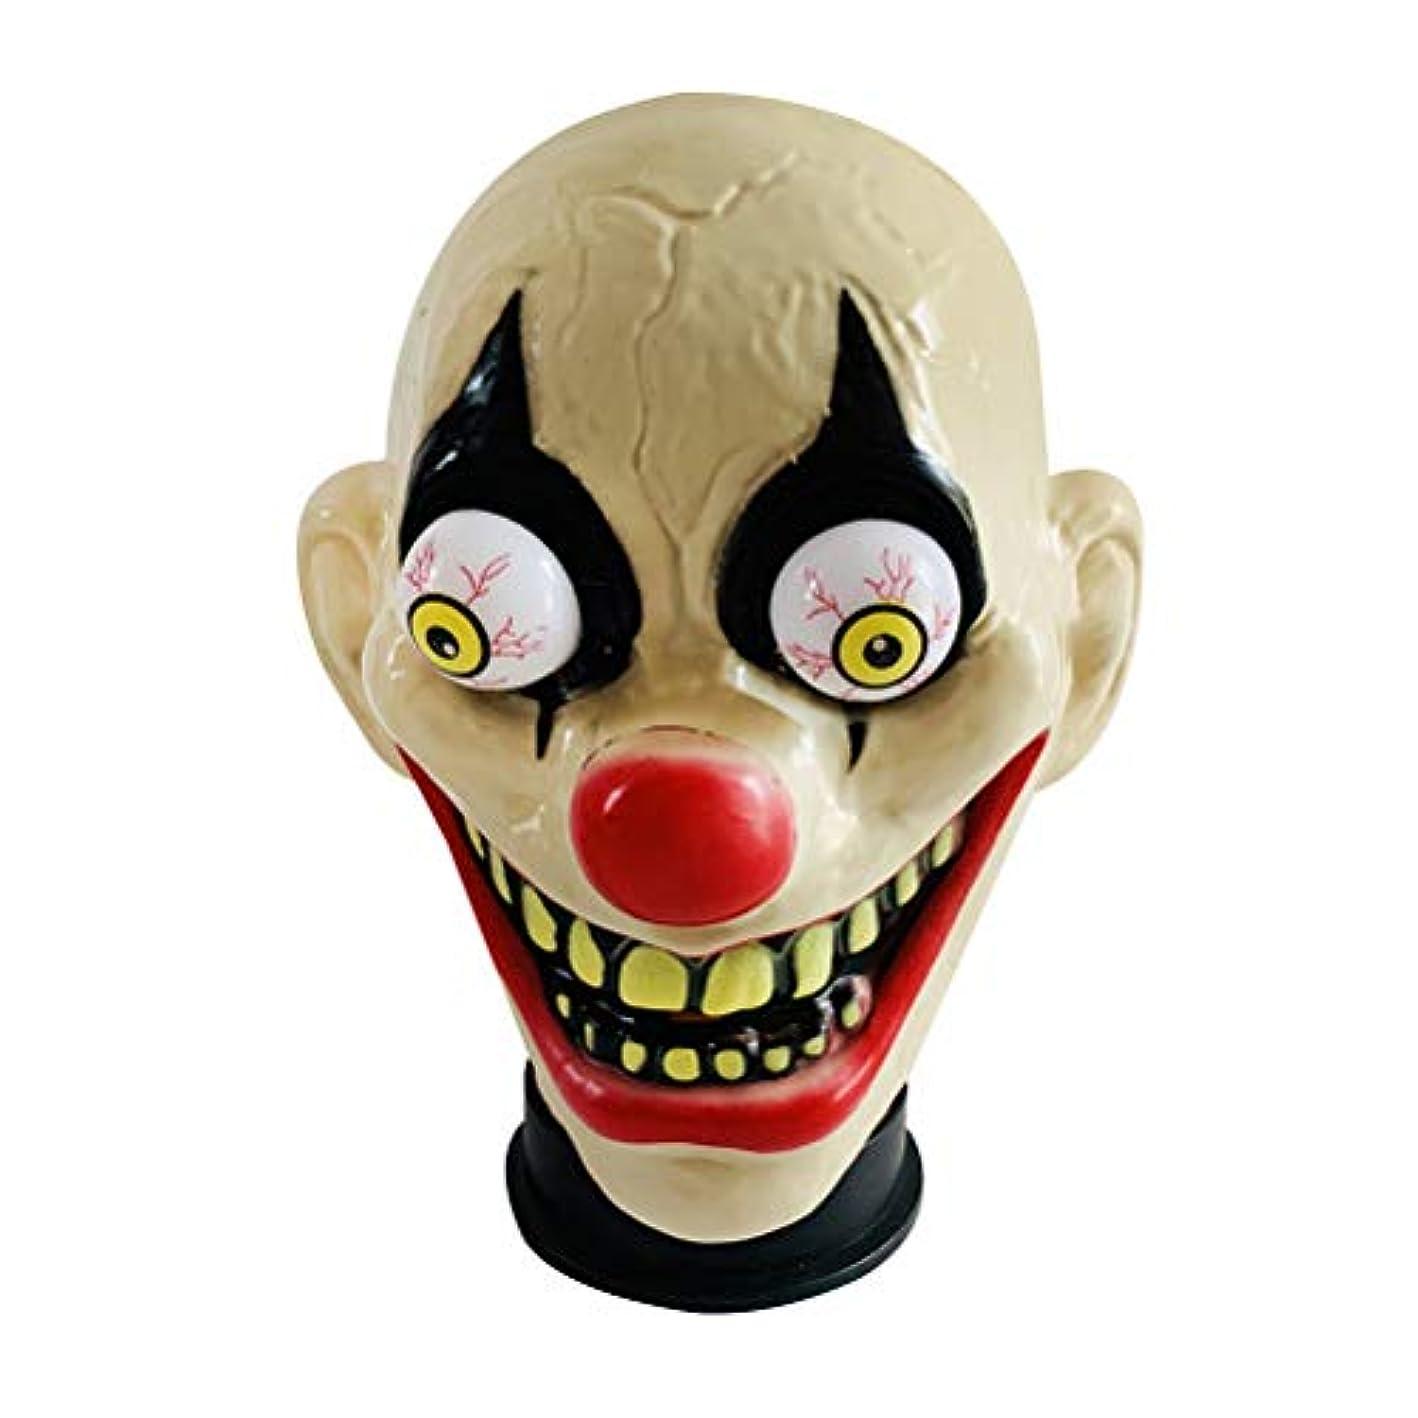 震え刻むフェミニンBESTOYARD ハロウィーン怖いピエロマスクテロホラーピエロヘッドカバーハロウィンコスプレパーティー用男性用マスク(ピエロタイプ)